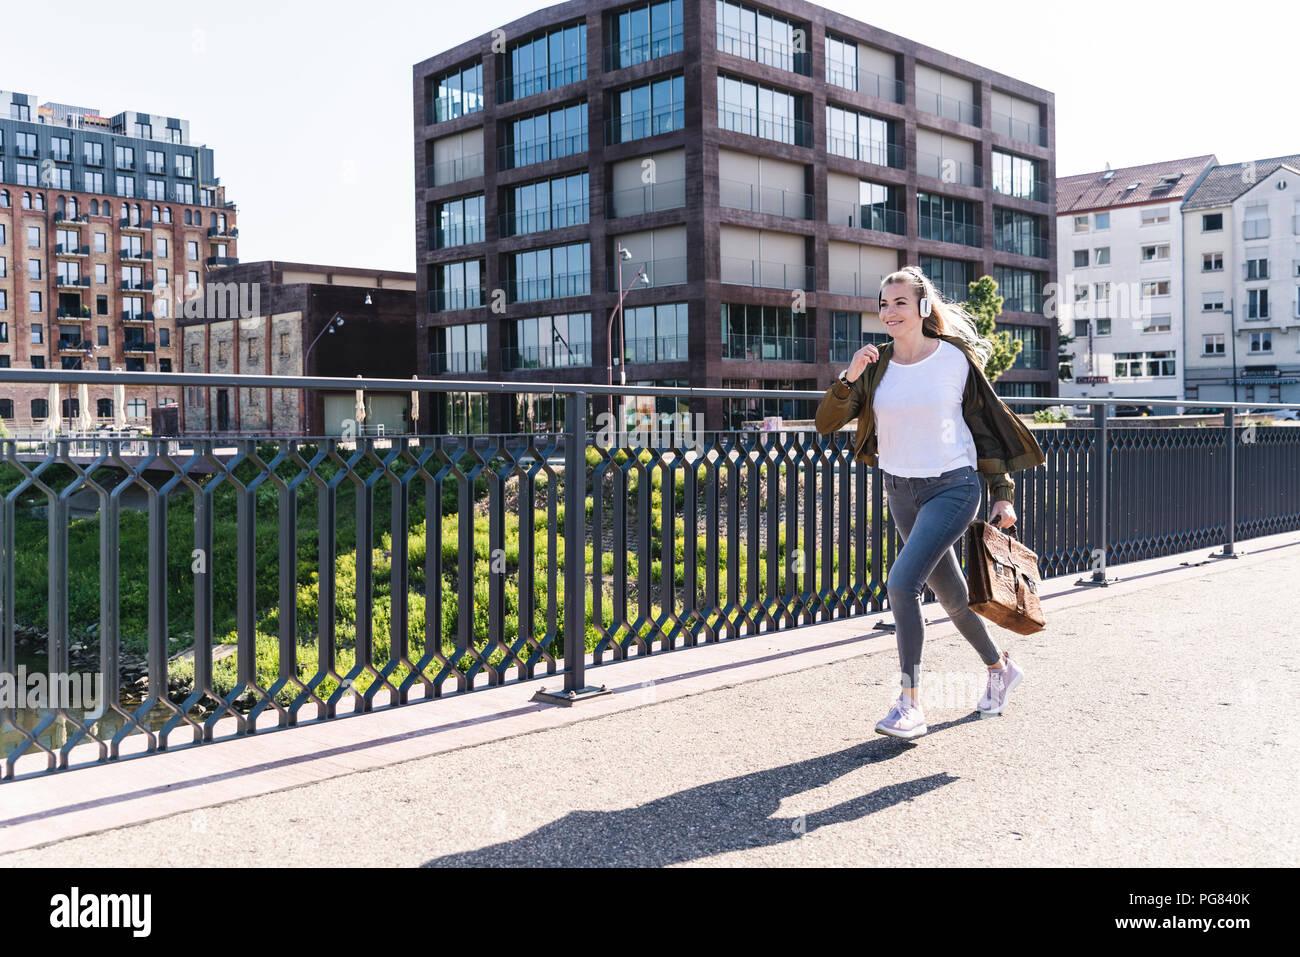 Jeune femme tournant sur le pont, à l'écoute de la musique avec des écouteurs Photo Stock